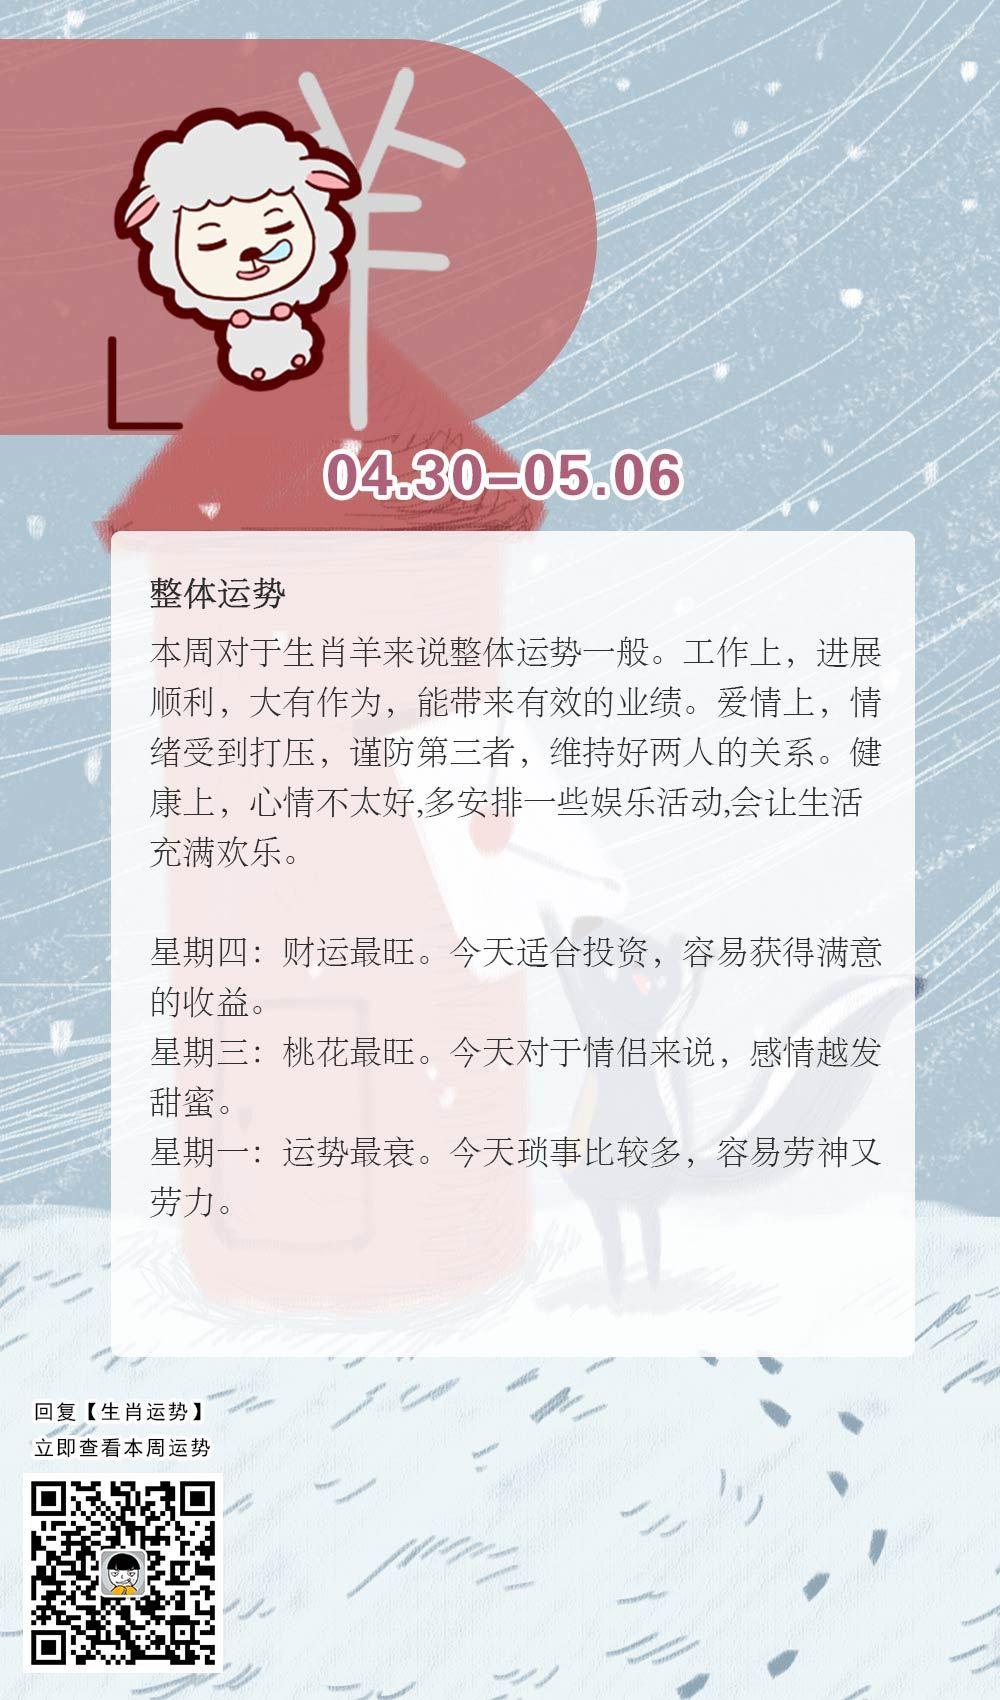 生肖羊本周運勢【2018.04.30-05.06】